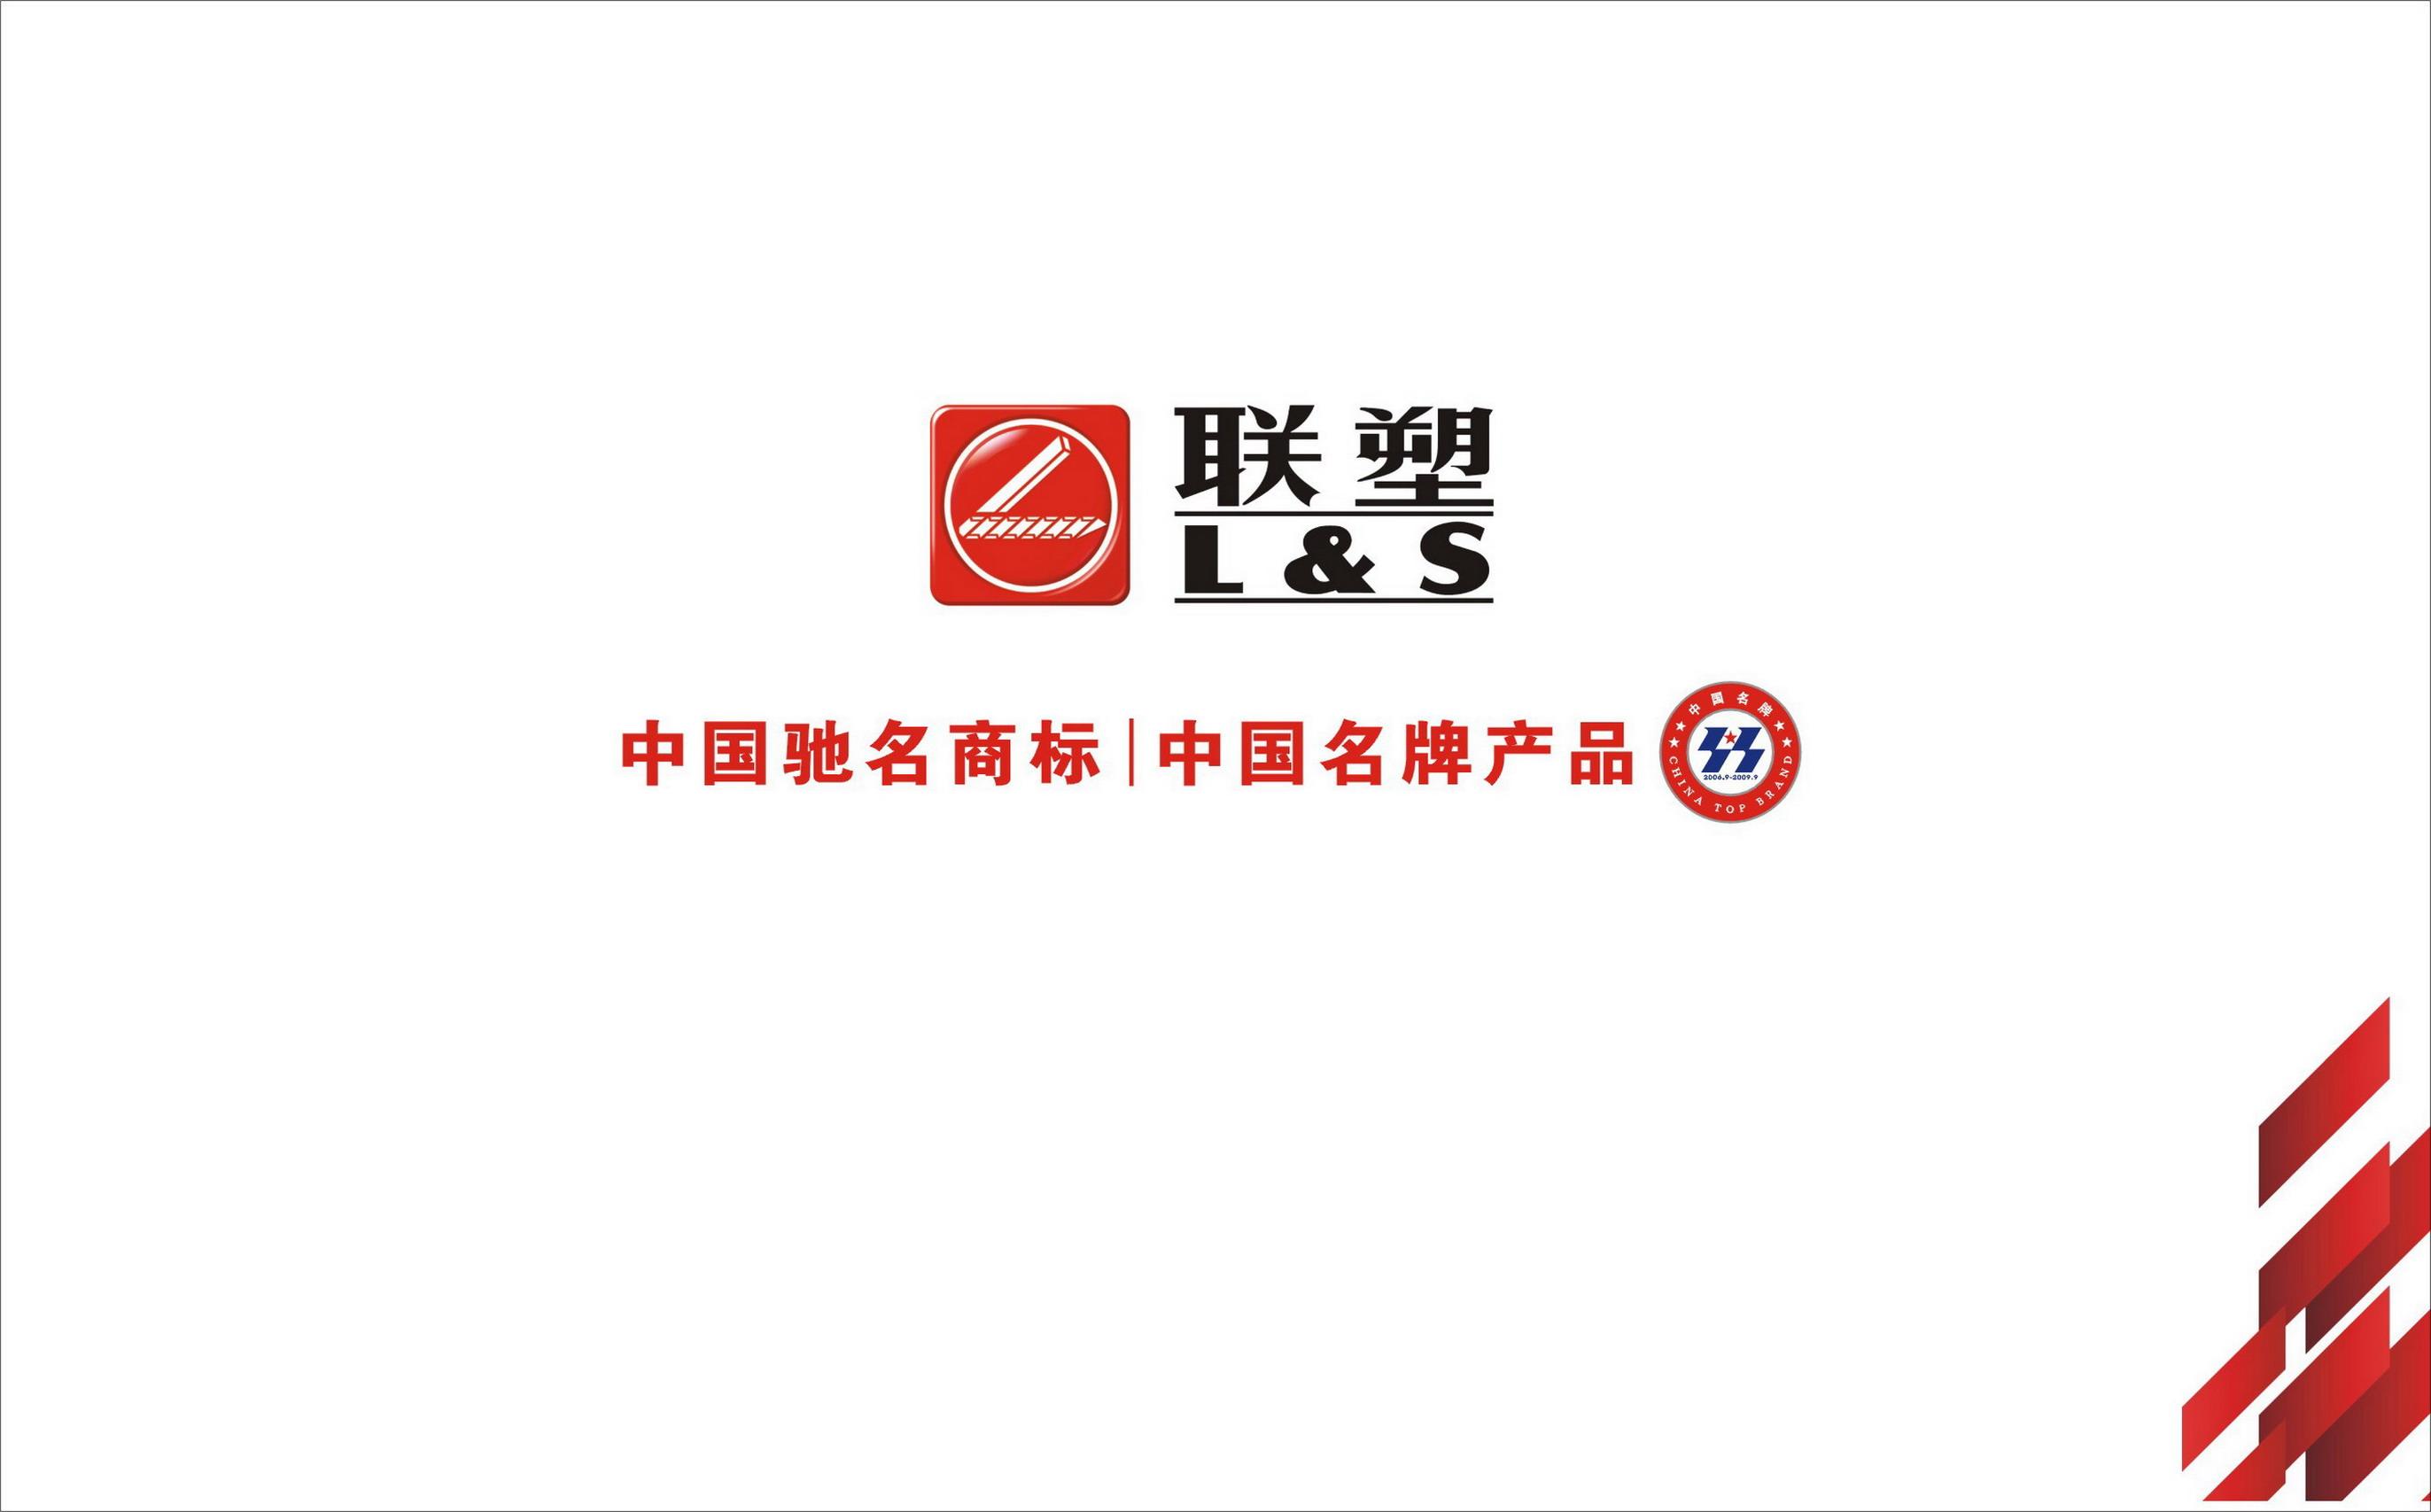 中国联塑集团控股有限公司